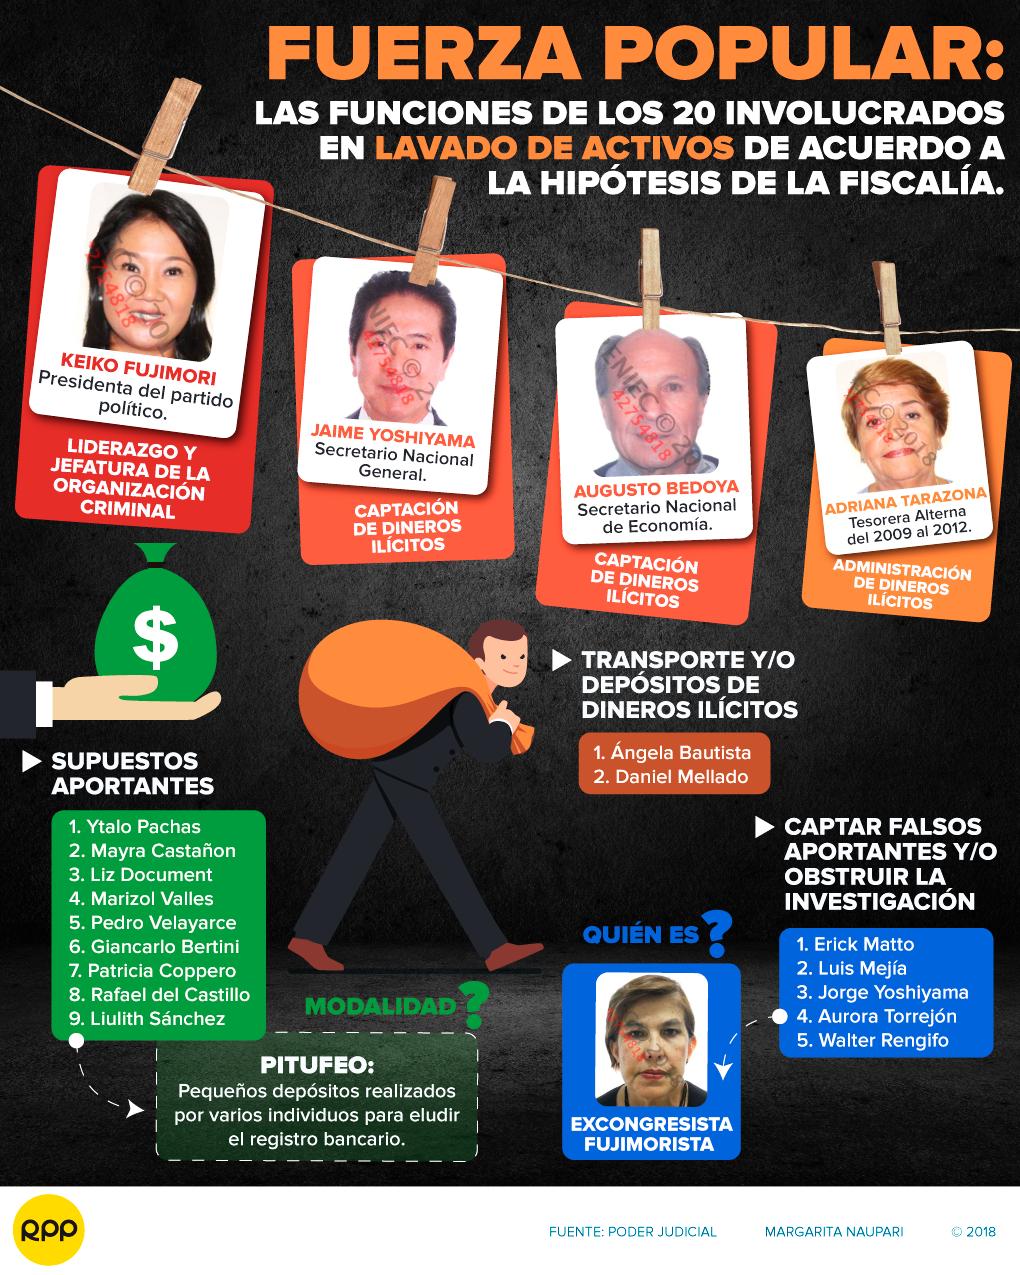 ¿Quién es quién en la orden de detención preliminar que incluye a Keiko Fujimori?